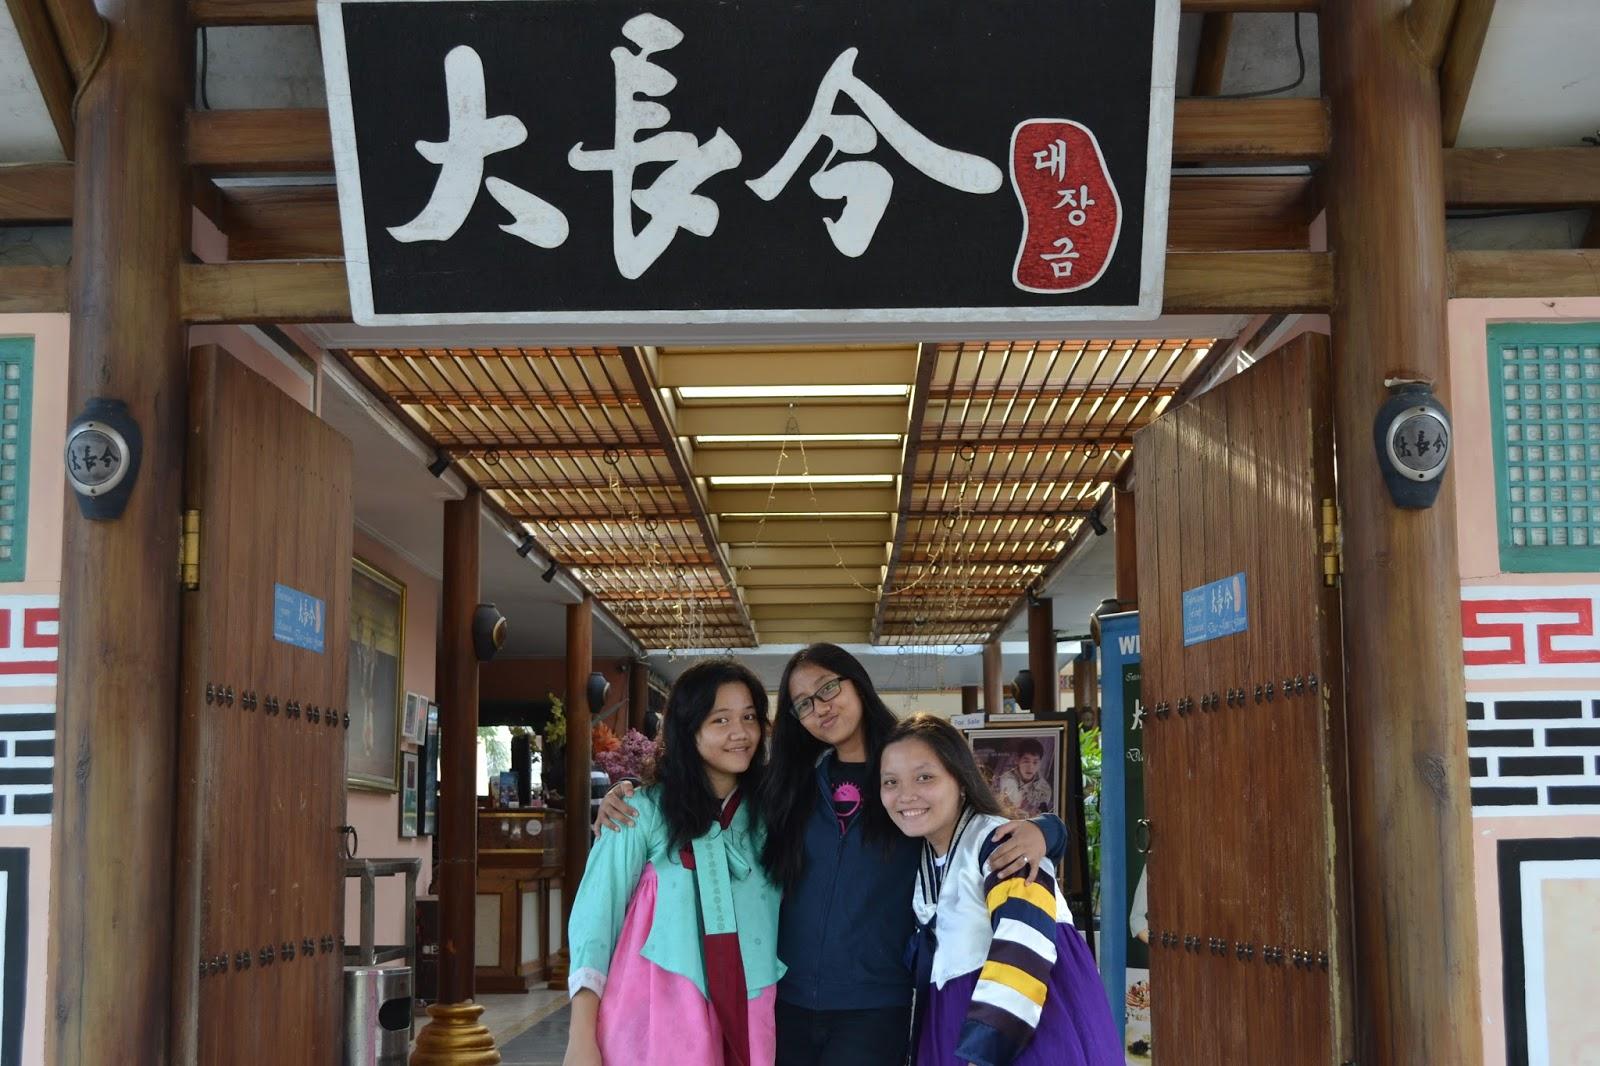 MUKBANG di Korea-nya Jogja! | Dae Jang Geum - Rsjournal